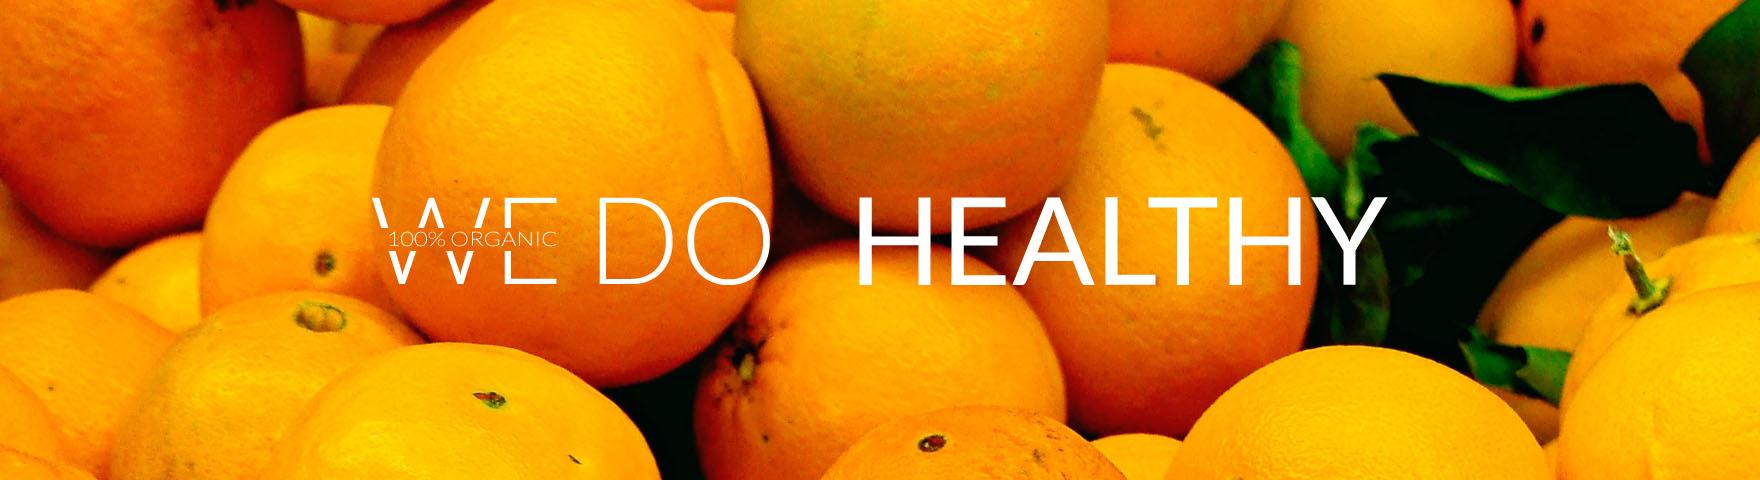 Arizona Orange Co Healthy Banner